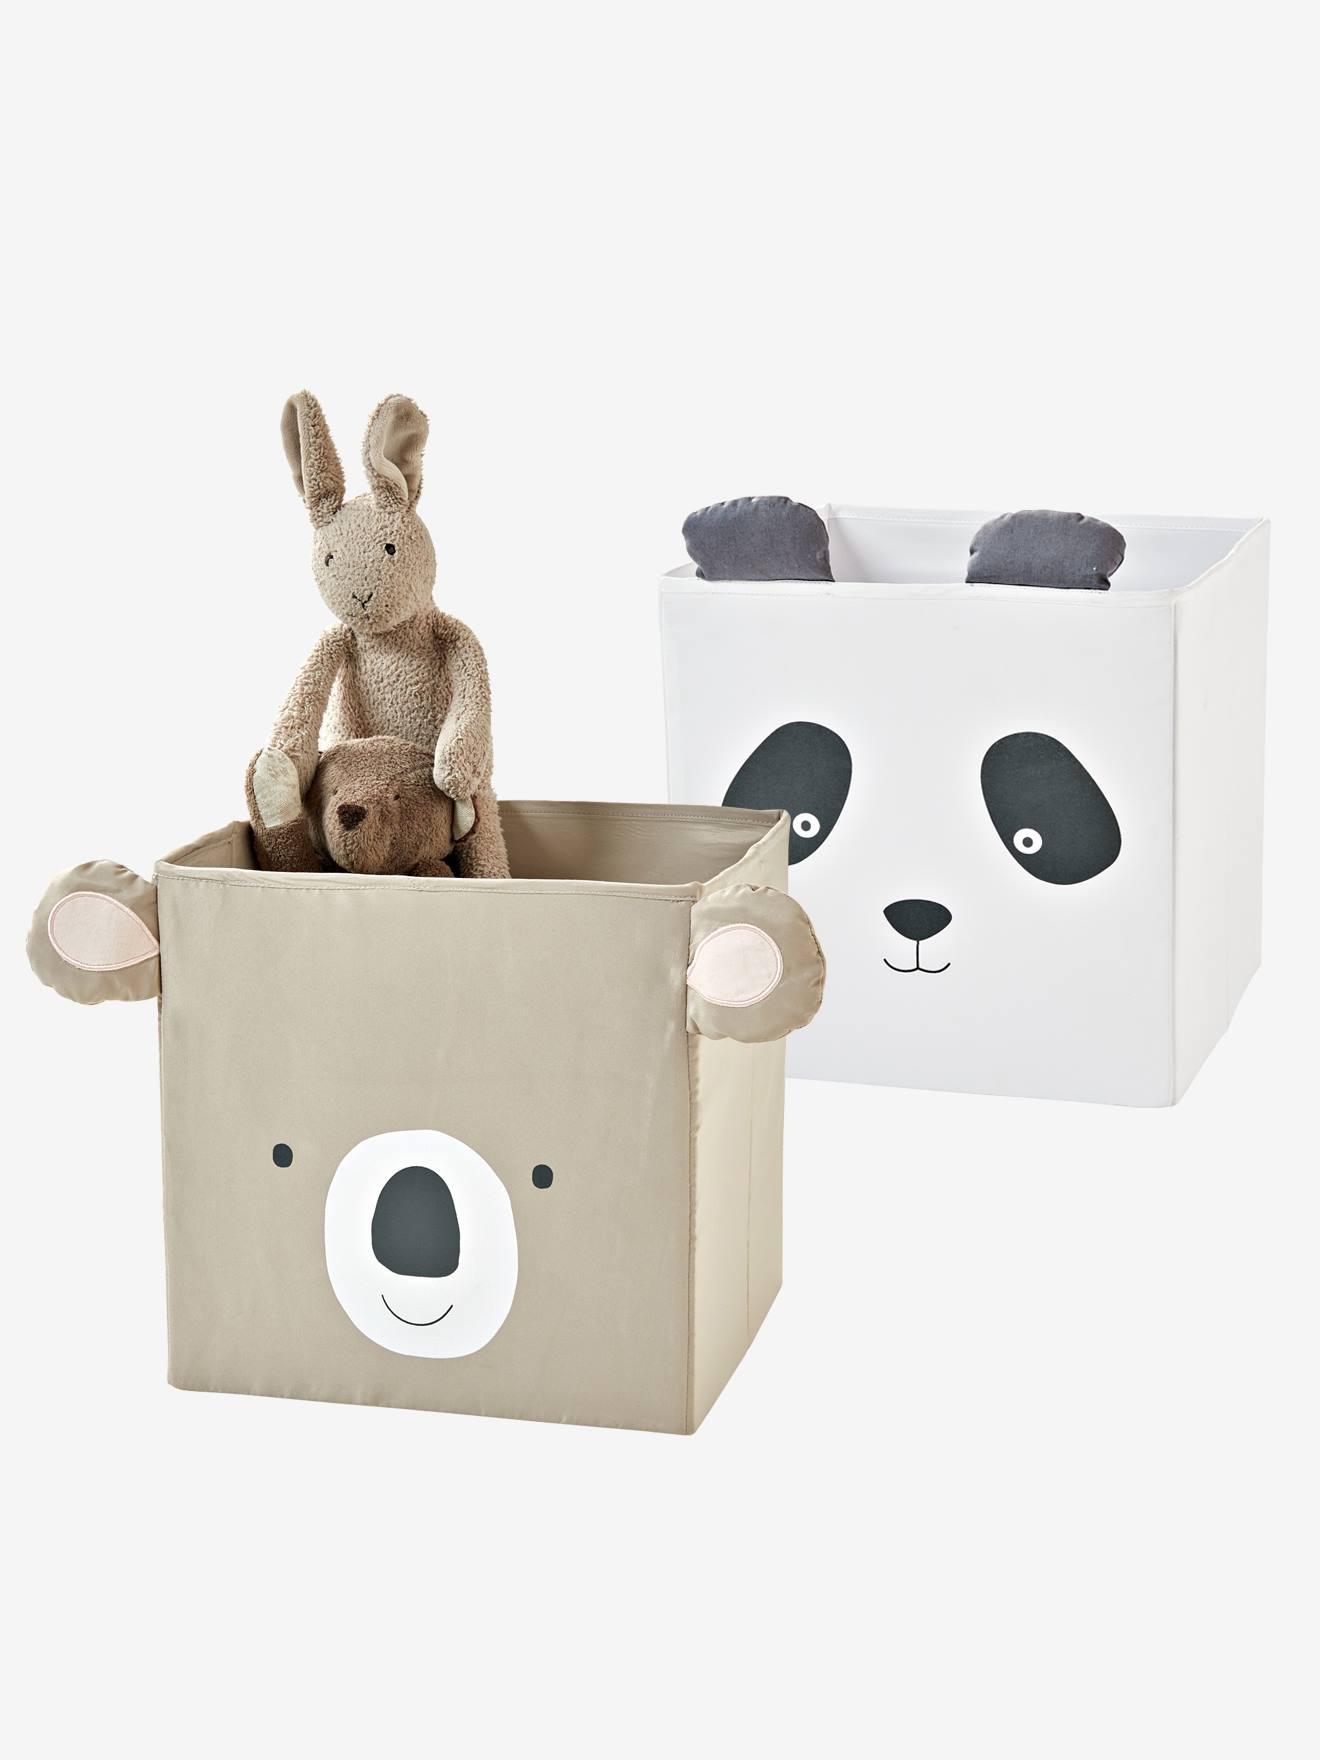 Full Size of Aufbewahrungsboxen Kinderzimmer Aufbewahrungsbox Ebay Design Mint Plastik Stapelbar Amazon Holz Mit Deckel Vertbaudet 2 Stoff Regale Regal Sofa Weiß Kinderzimmer Aufbewahrungsboxen Kinderzimmer